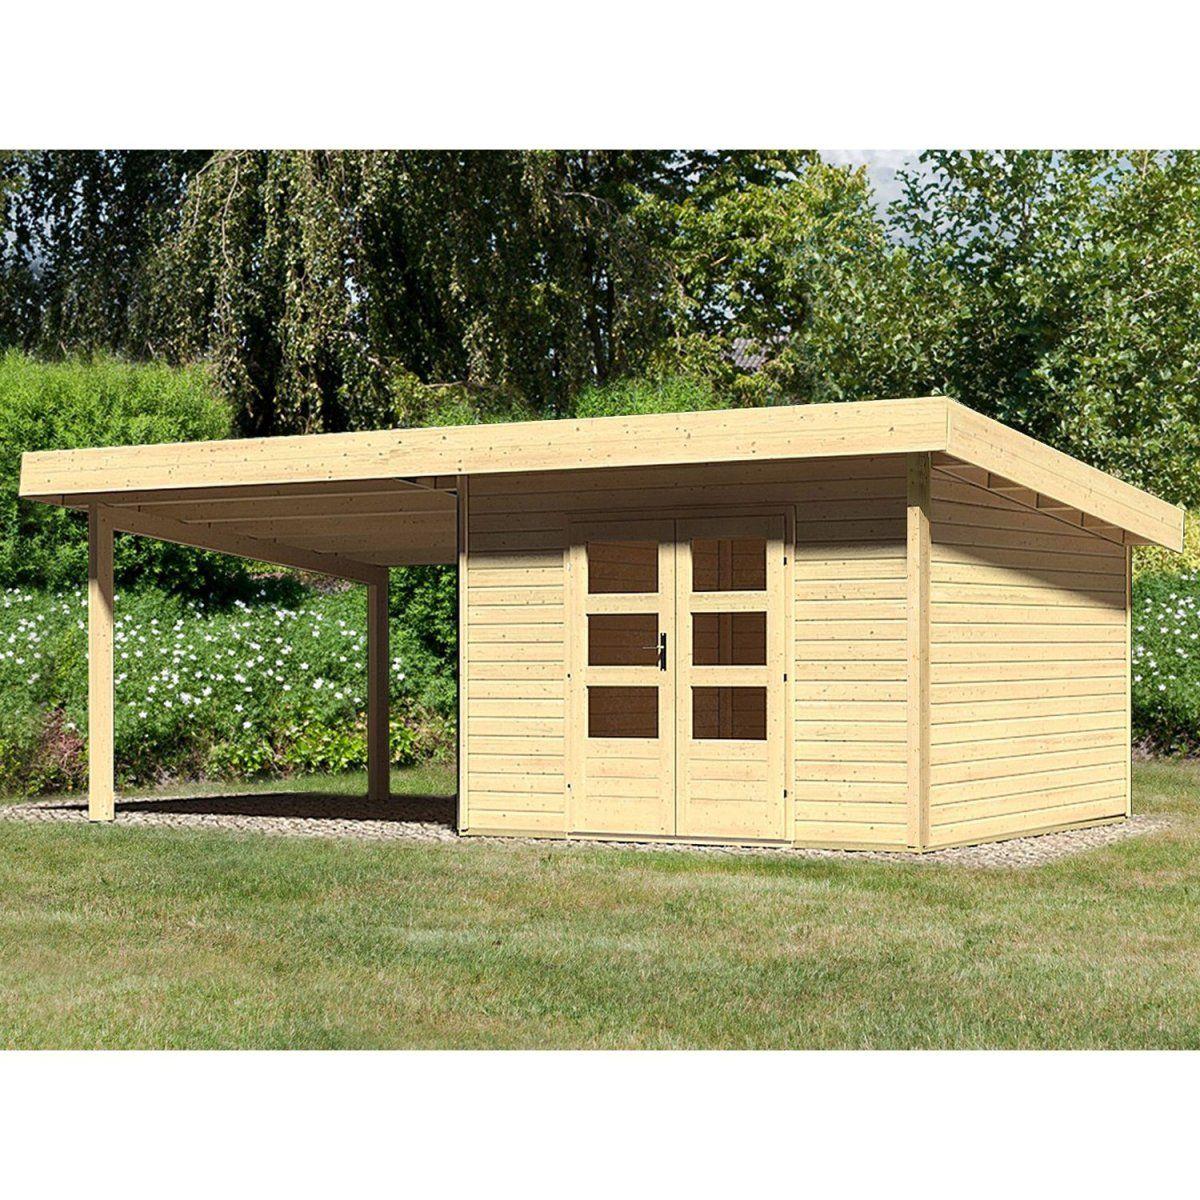 HolzGartenhaus Karlskoga 3 Natur Set mit 3 m Schleppdach